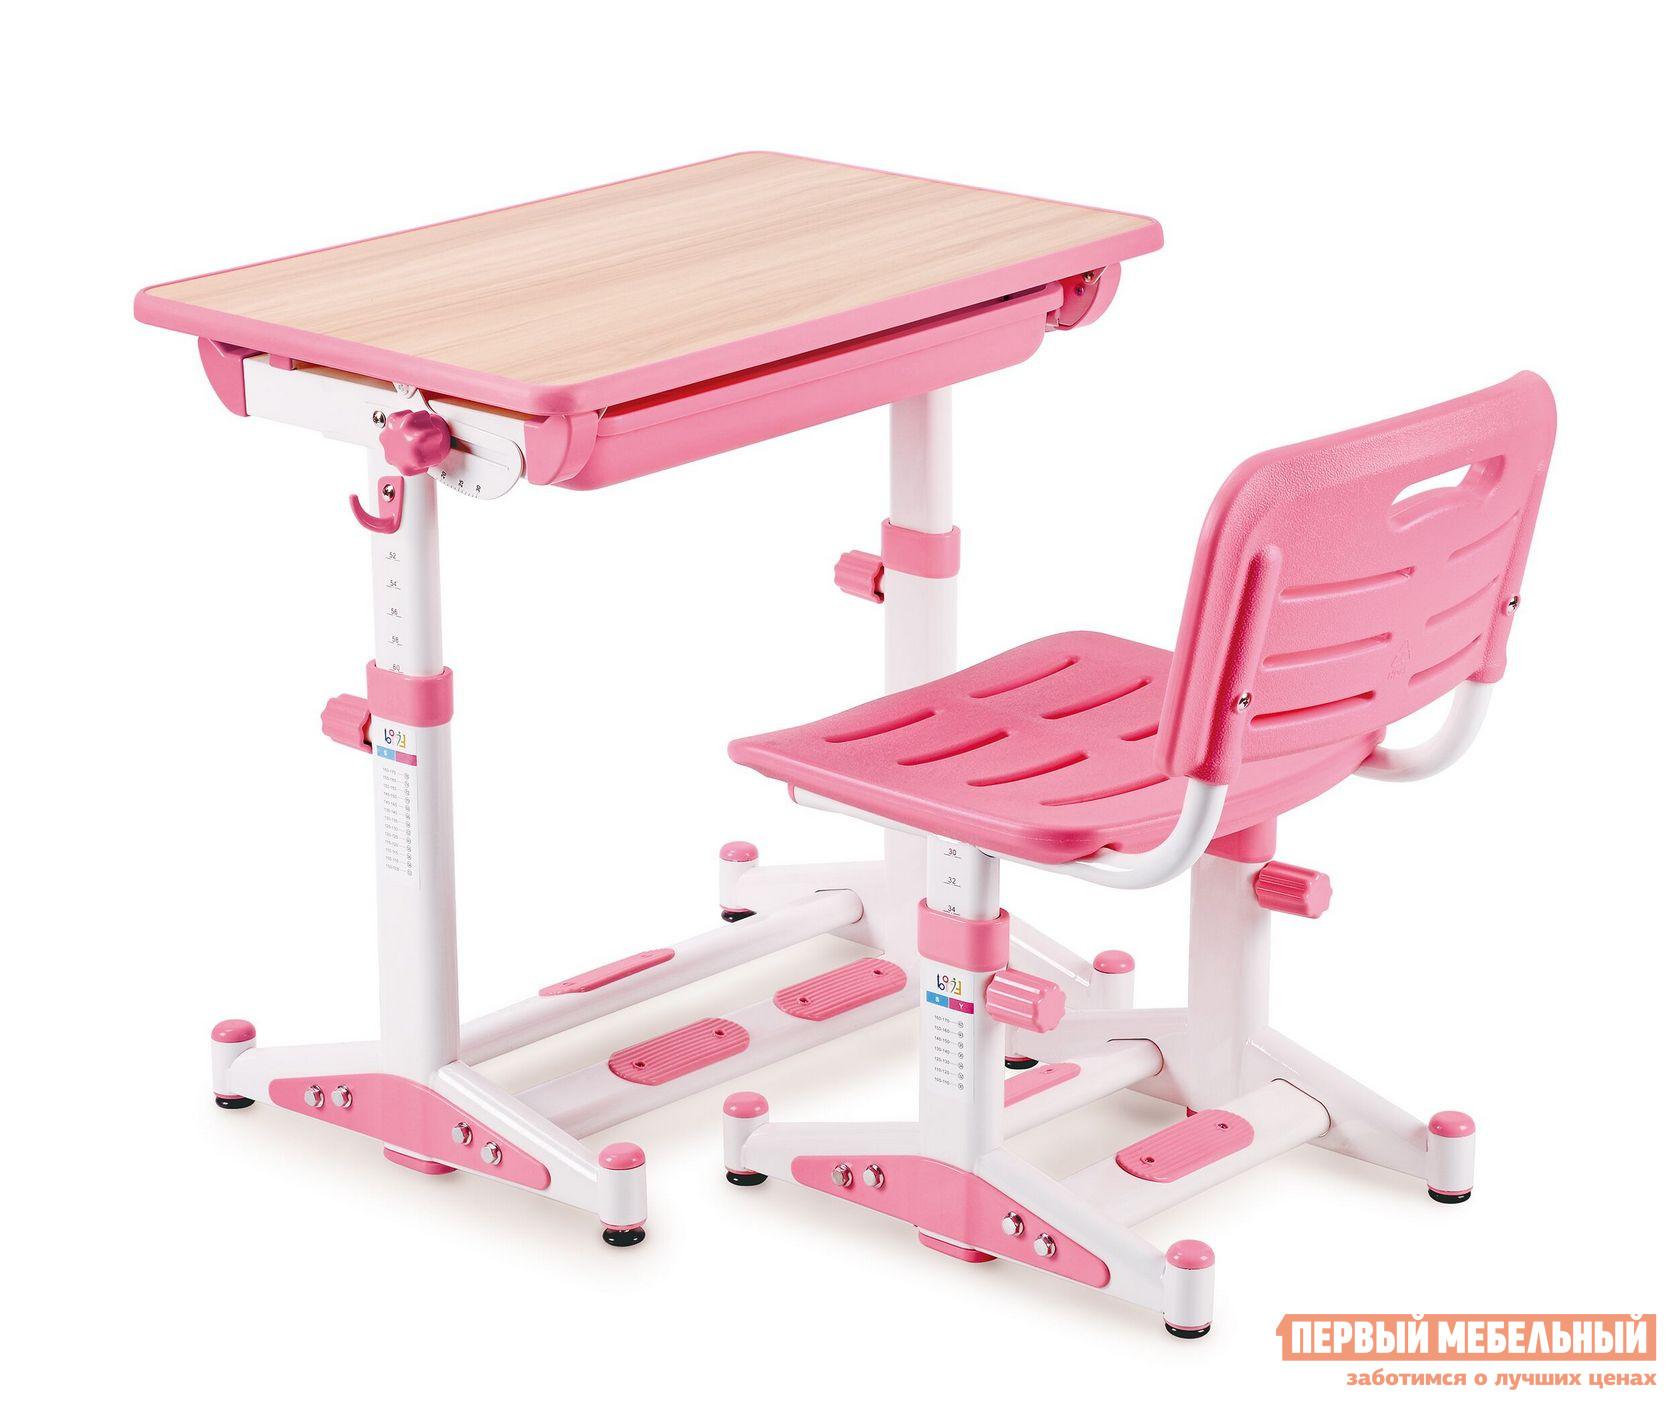 Парта Libao LK-11 Розовый Libao Габаритные размеры ВхШхГ 520 / 760x700x510 мм. Очень важно выбрать для ребенка эргономичную мебель для занятий.  Данный комплект отвечает всем современным и важным требованиям к детским изделиям. <br> Парта и стул регулируются по высоте, благодаря чему они будут расти параллельно с ребенком.  Угол наклона столешницы настраивается под разные цели от 10 до 45 градусов: для чтения, письма и рисования.  Стол имеет выдвижной ящик для хранение книг, тетрадей и канцелярских принадлежностей.  Стул оснащен решетчатыми сиденьем и спинкой для оптимальной вентиляции.  А также модель способствует хорошей осанке ребенка. <br><br>Размер стола: 520 / 760 х 700 х 510 мм. <br>Размер стула: 300 / 440 х 380 х 340 мм. <br><br>Столешница выполнена из МДФ.  Стул и парт изготовлены из стальной трубы и экологически чистого полипропилена. <br>